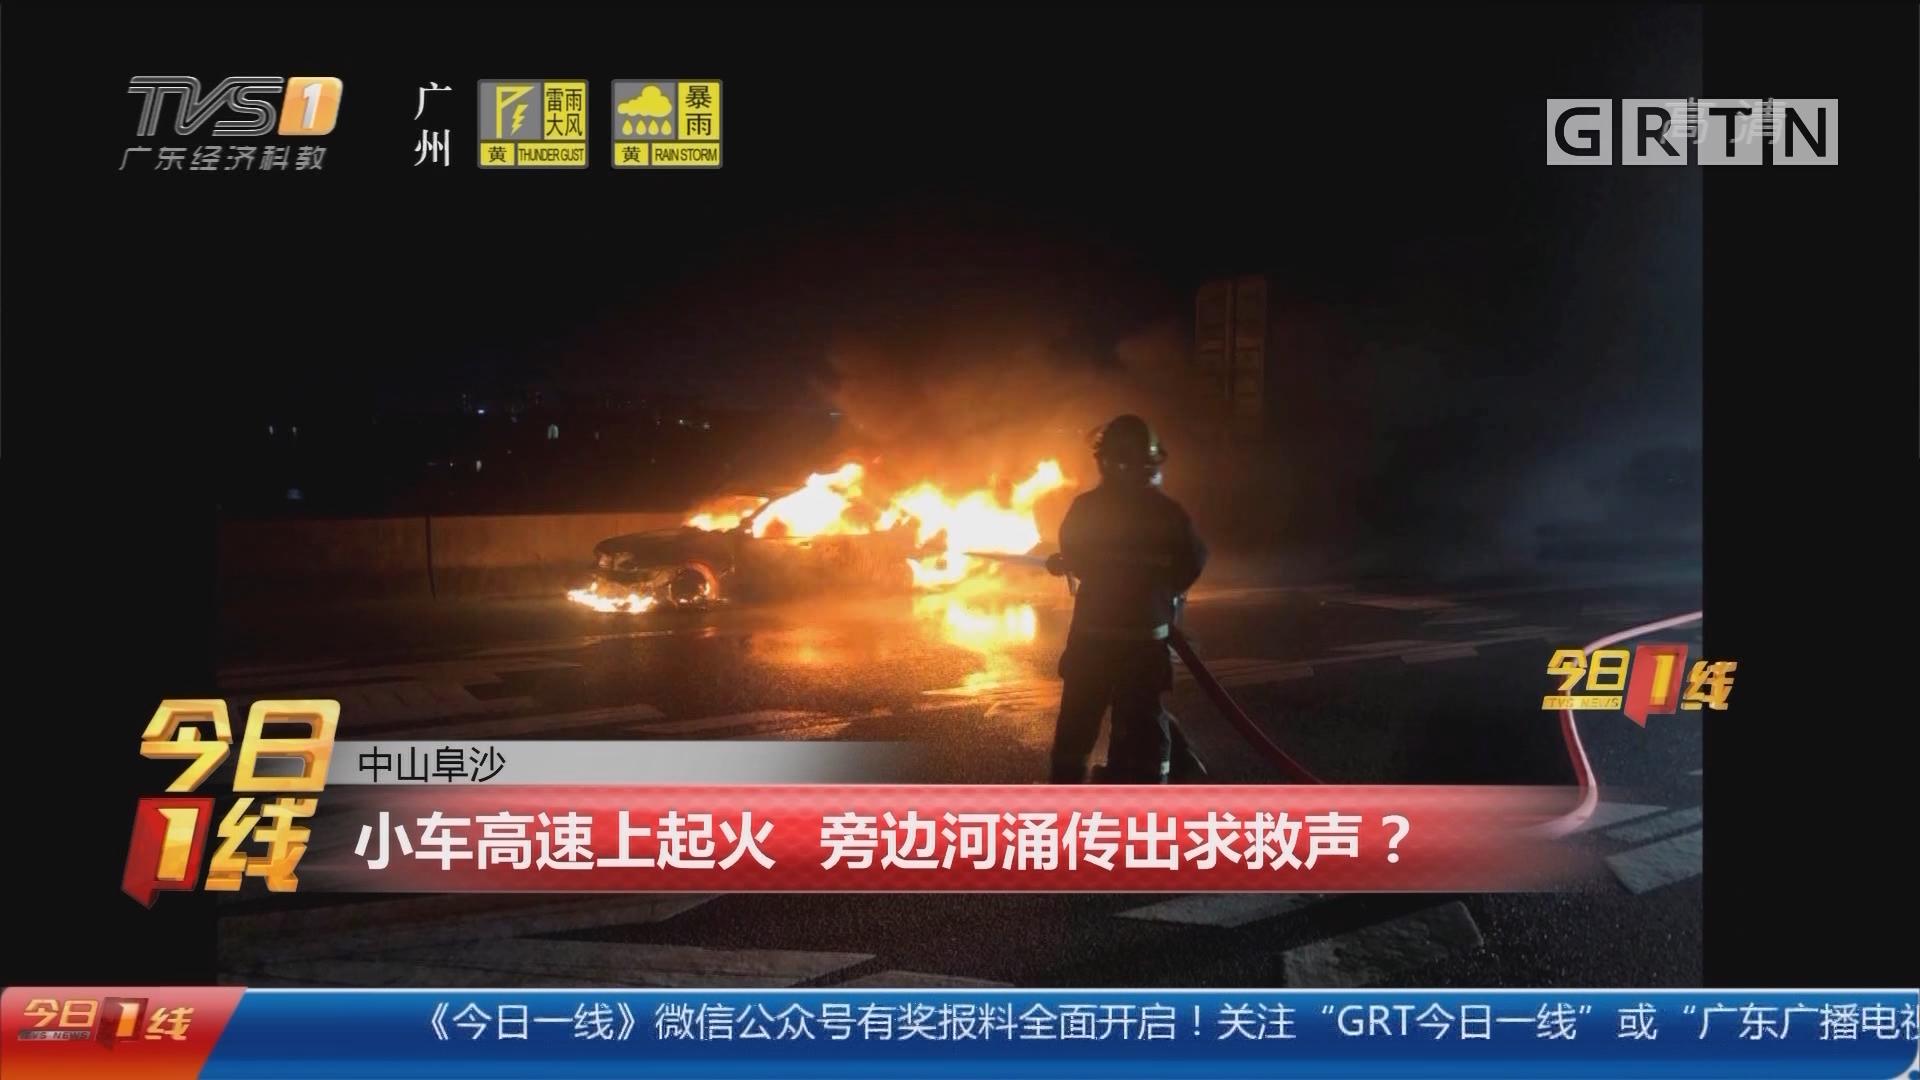 小车高速上起火 旁边河涌传出求救声?